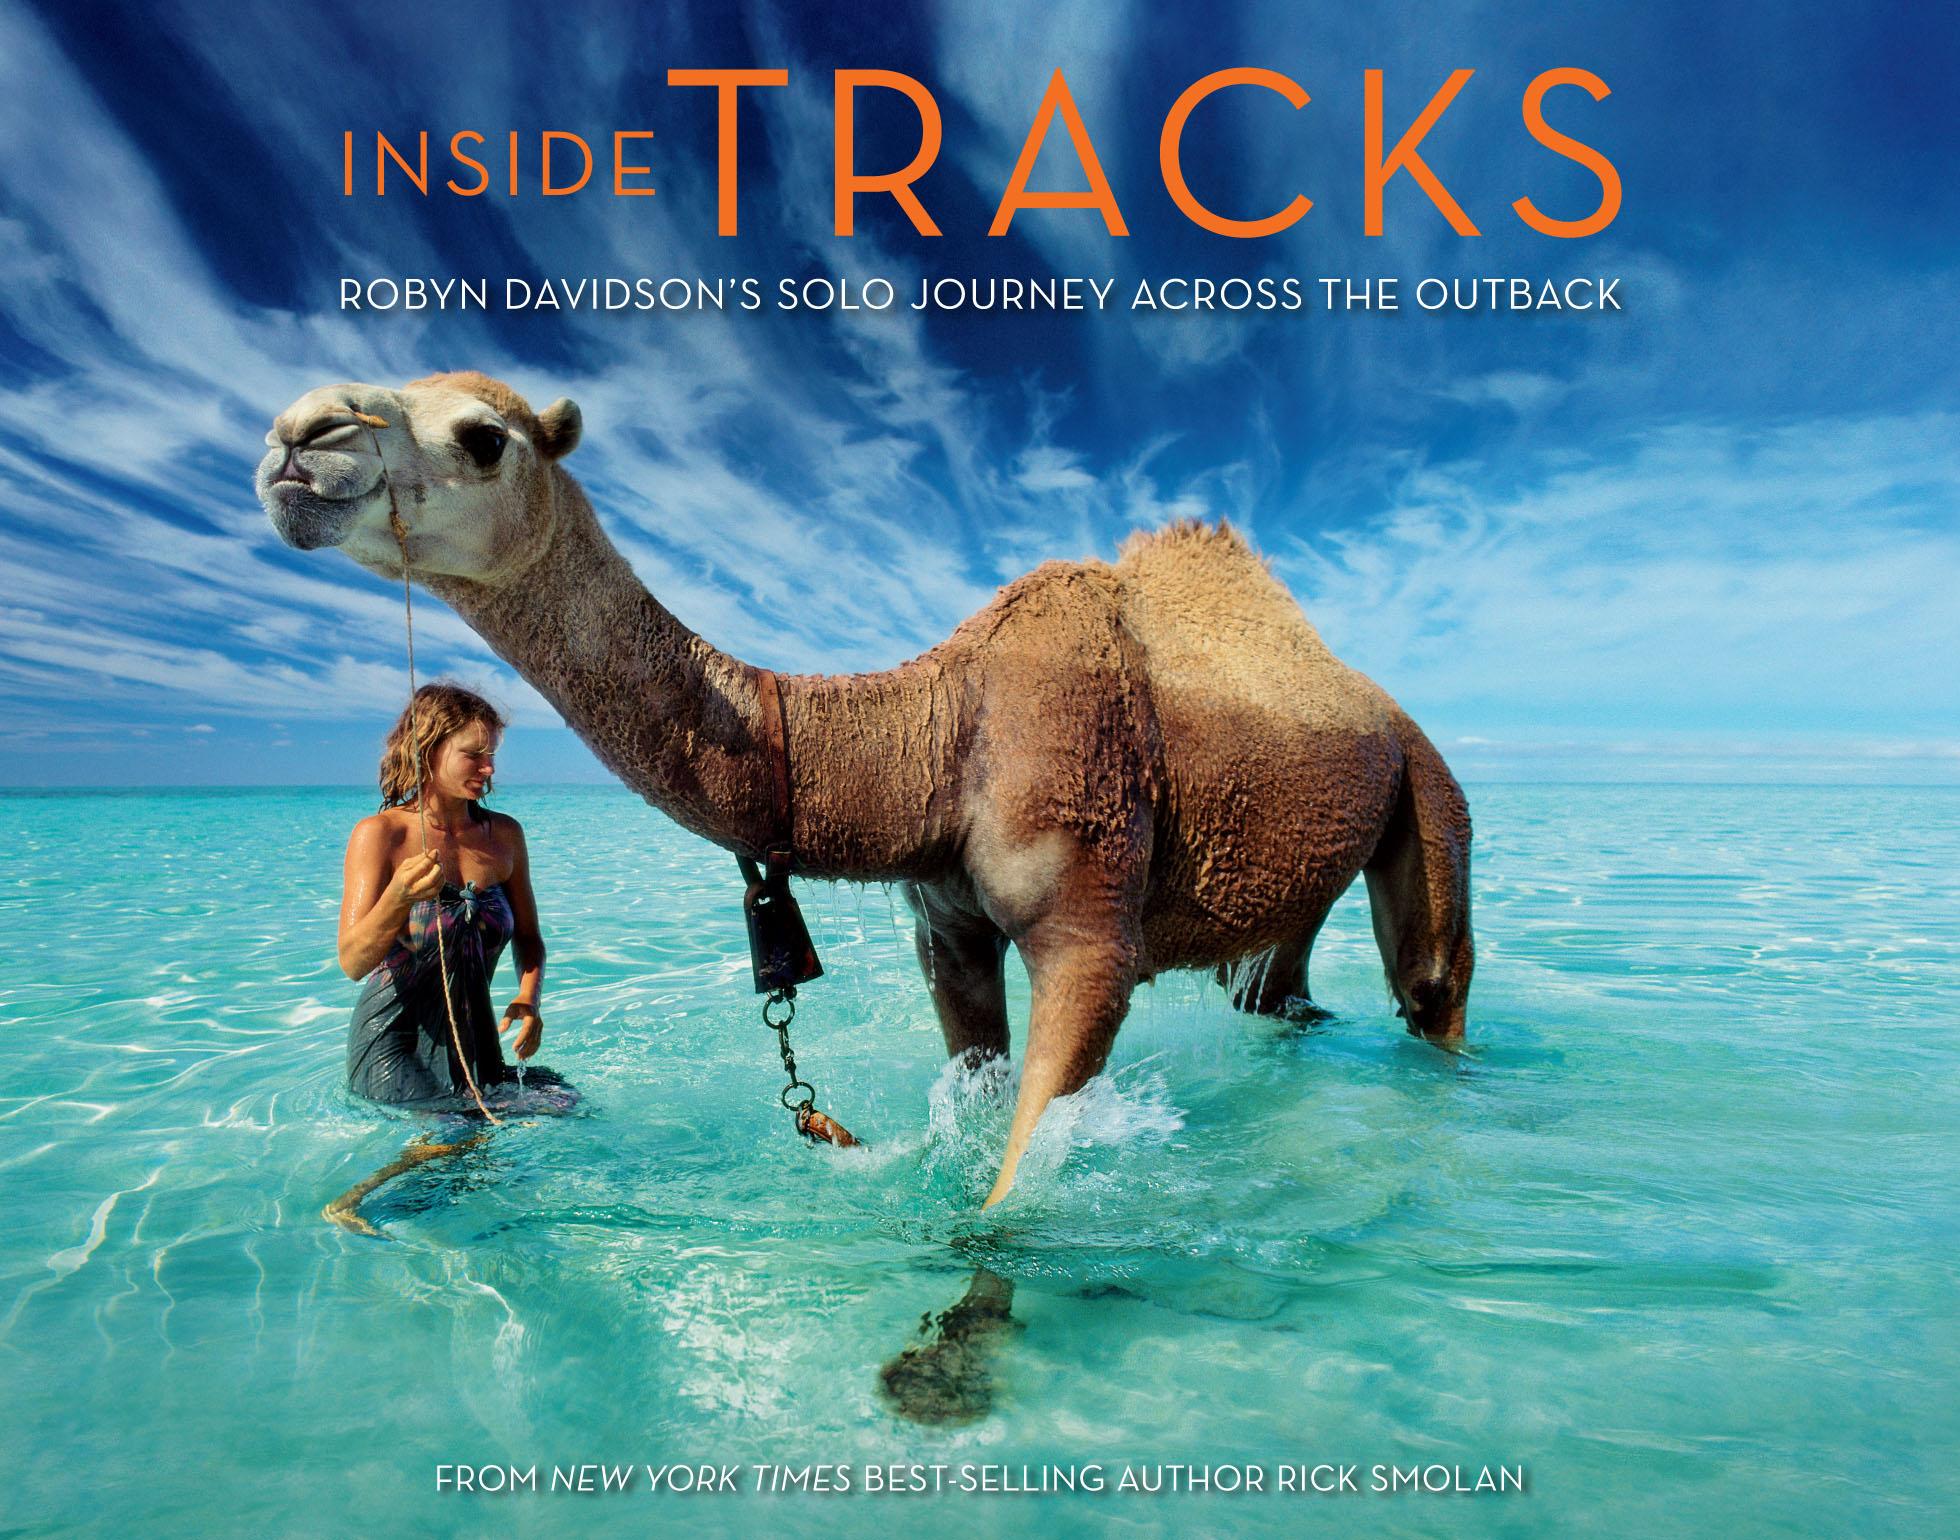 Inside-Tracks-Cover.jpg